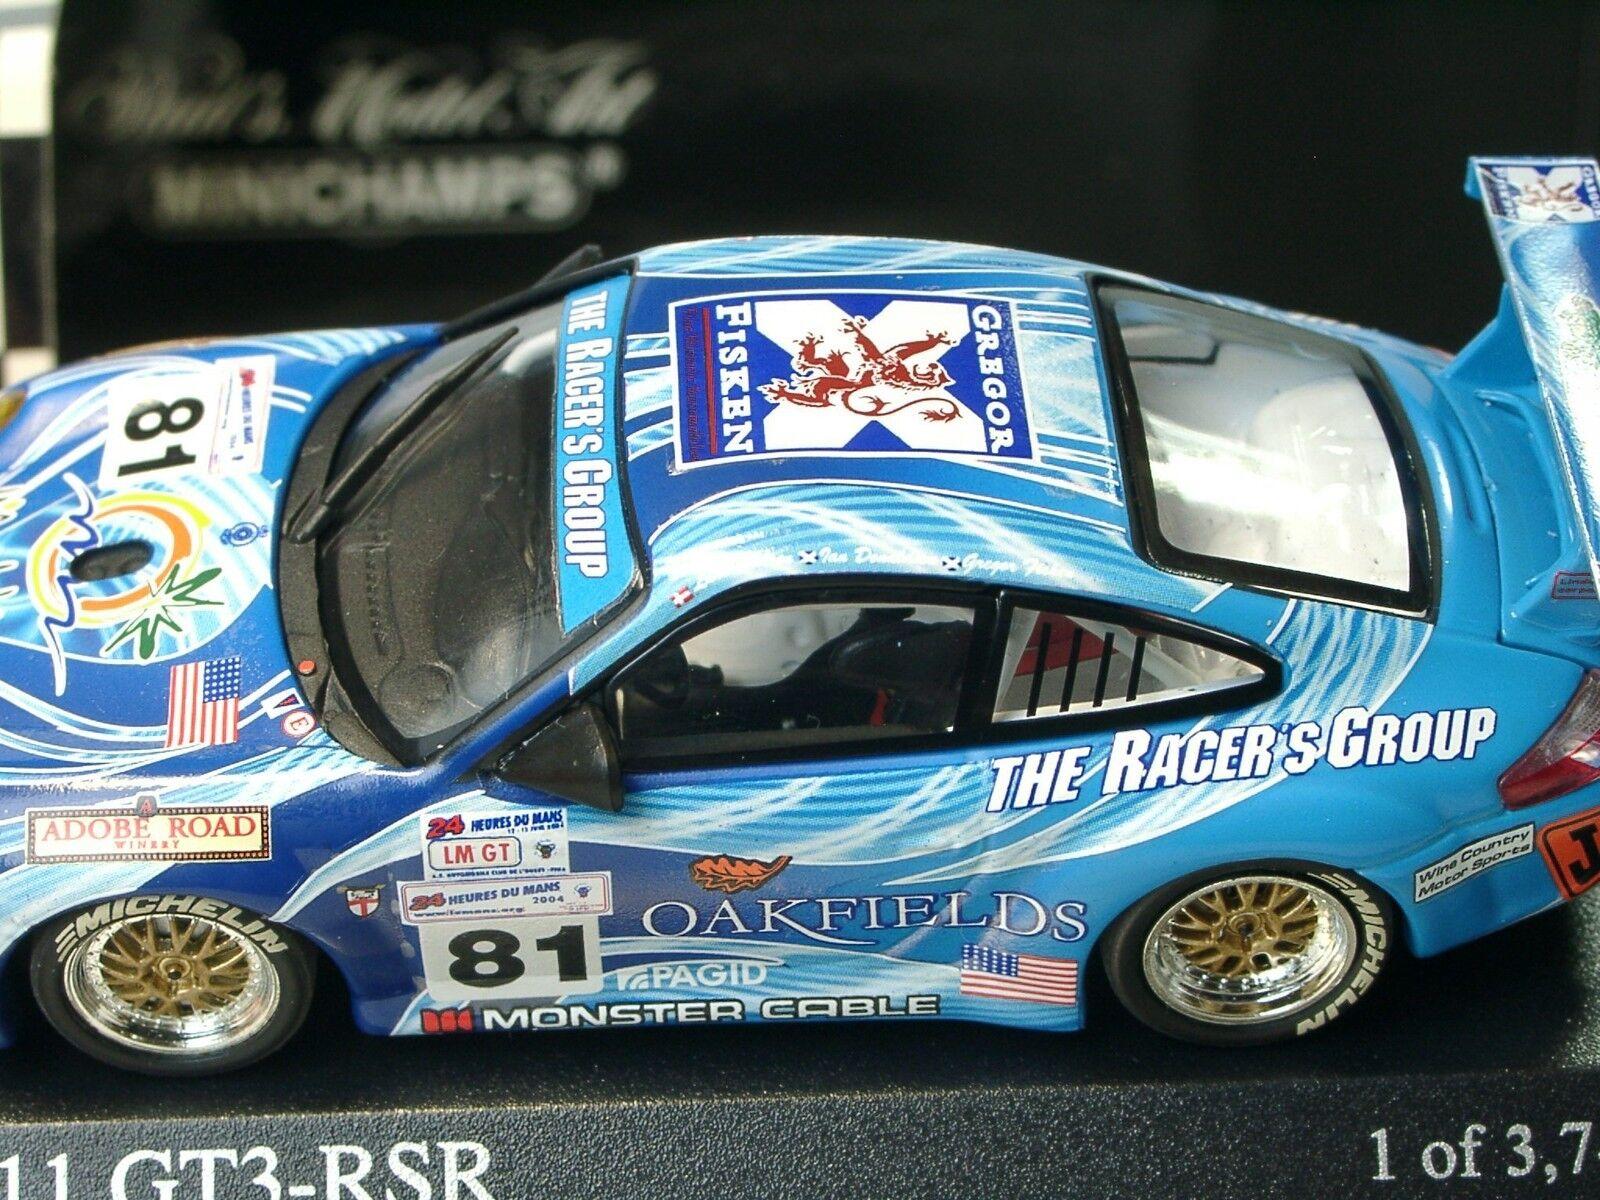 Minichamps Porsche 911 gt3 rsr Racer's group,  81, LM 2004, 400 046981 - 1 43